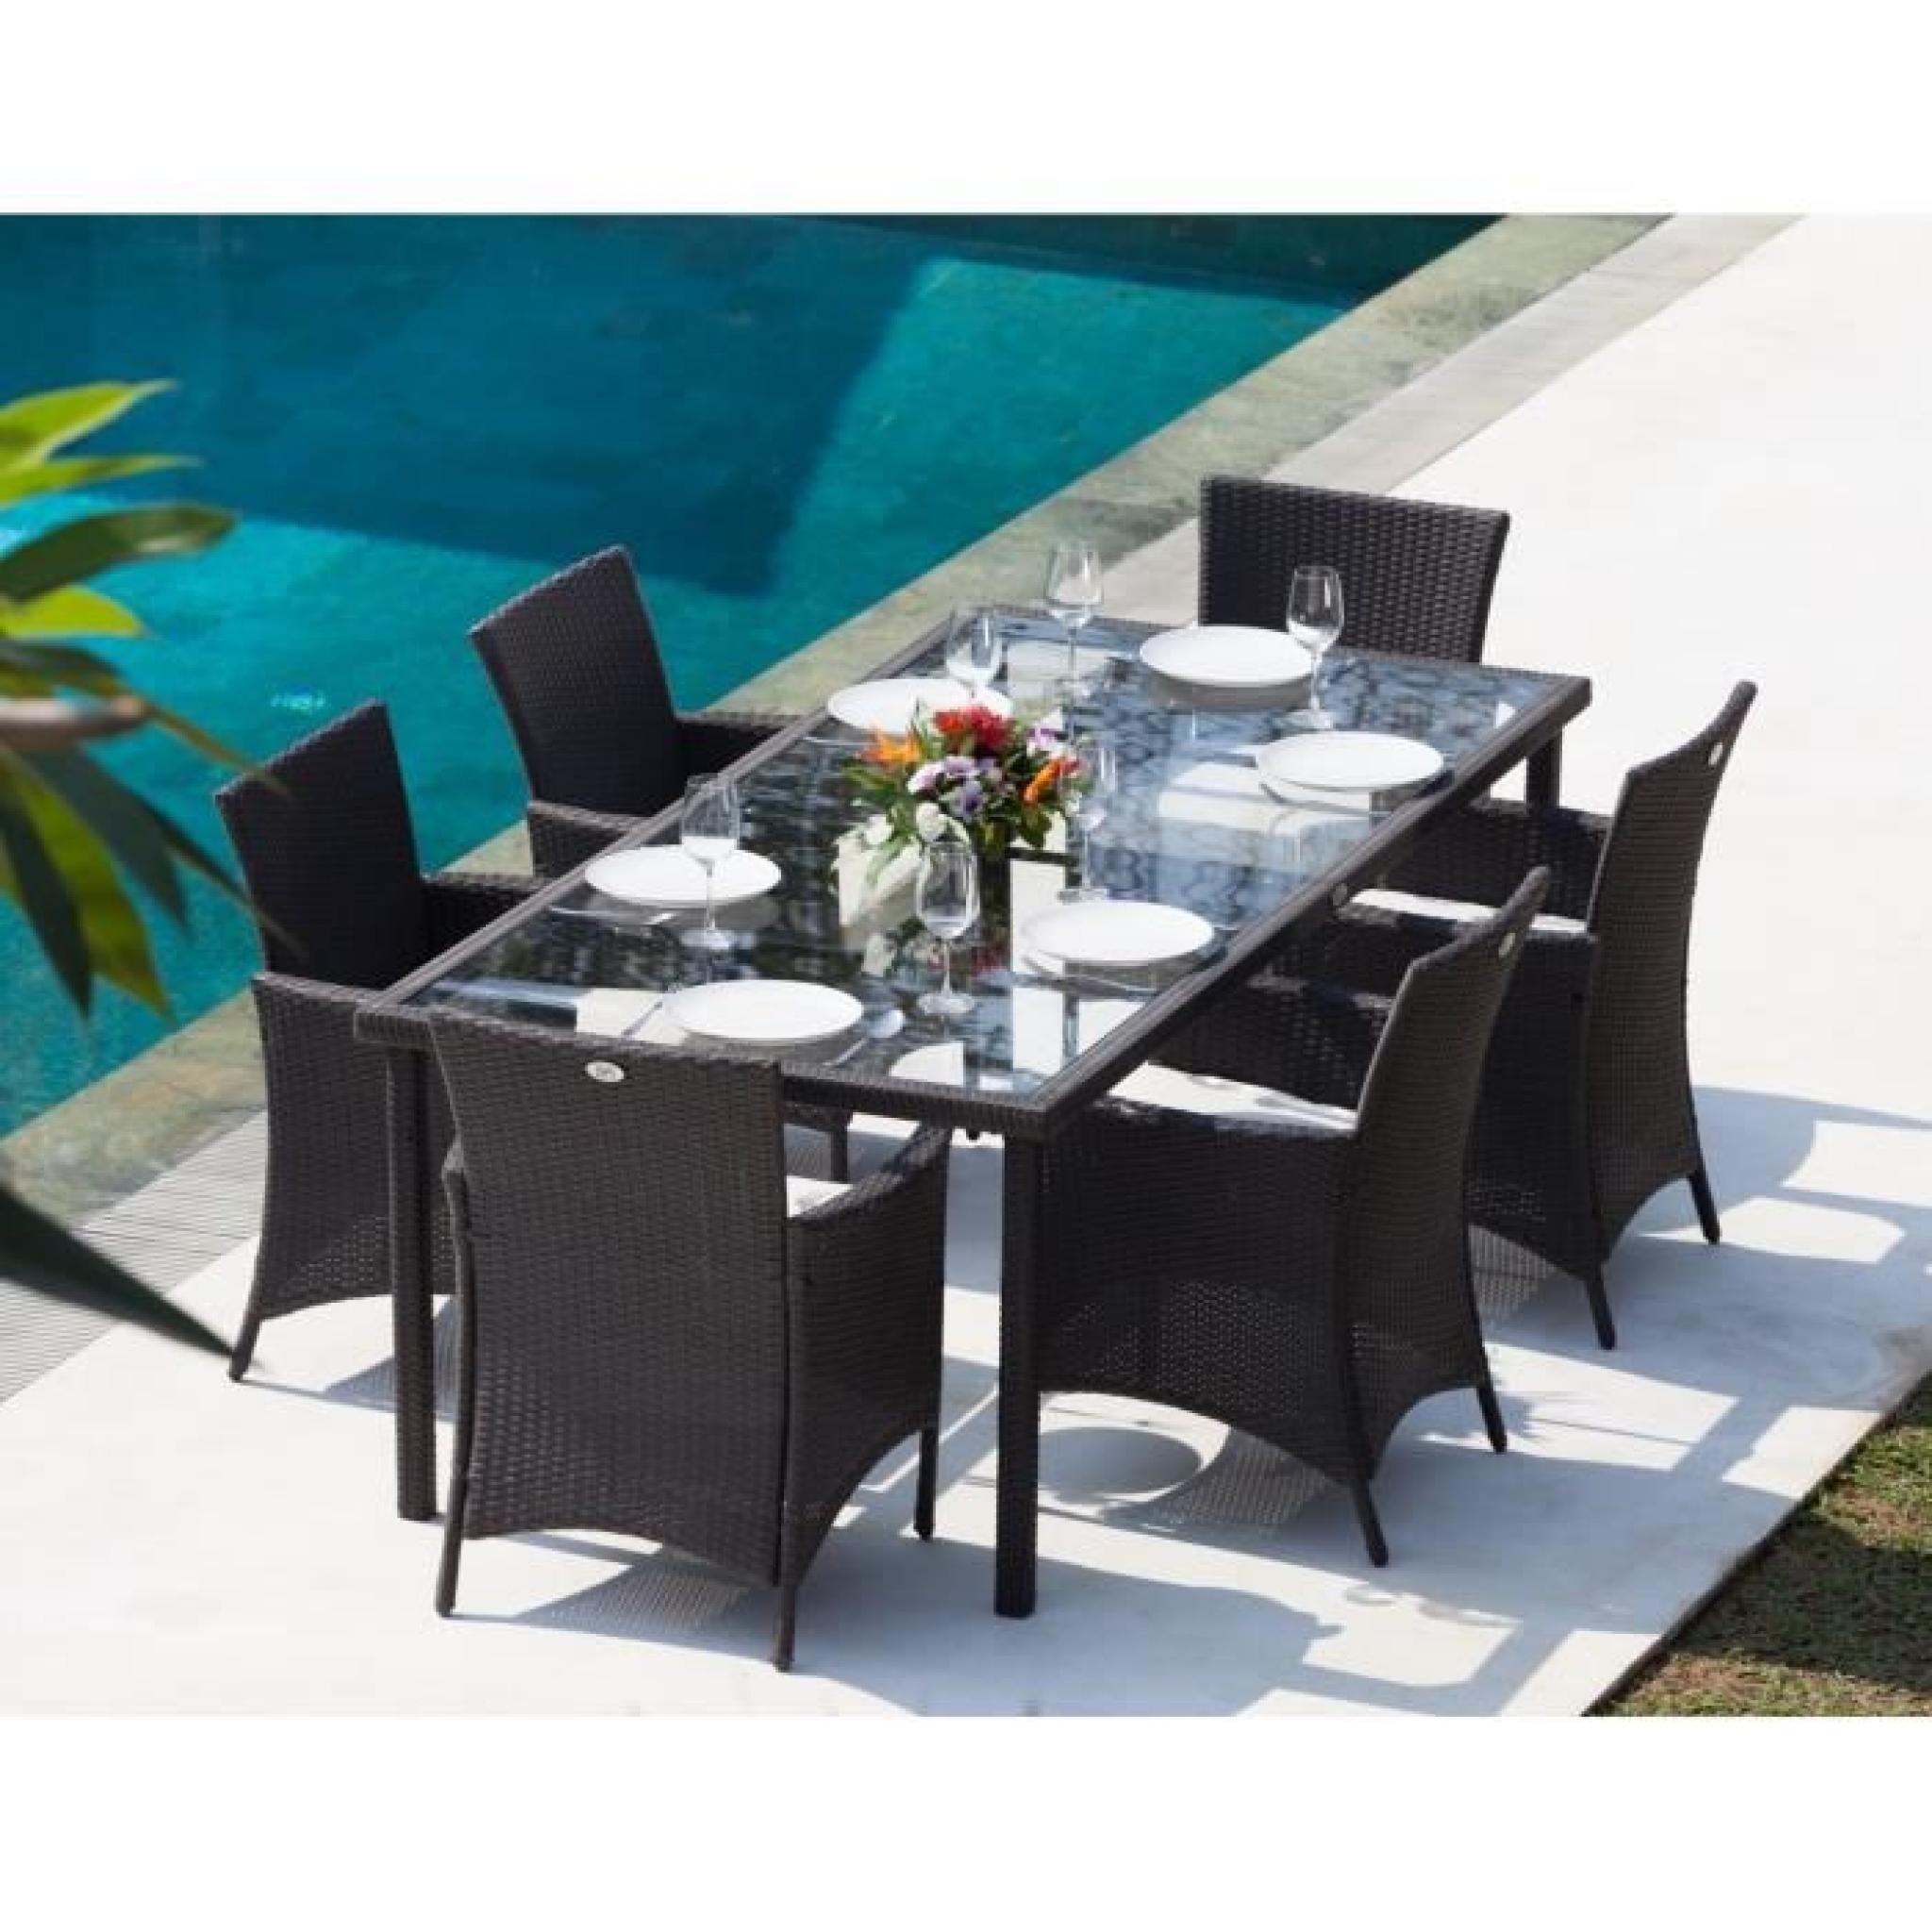 BORA Ensemble table de jardin 6 places en résine tressée et aluminium -  Gris anthracite